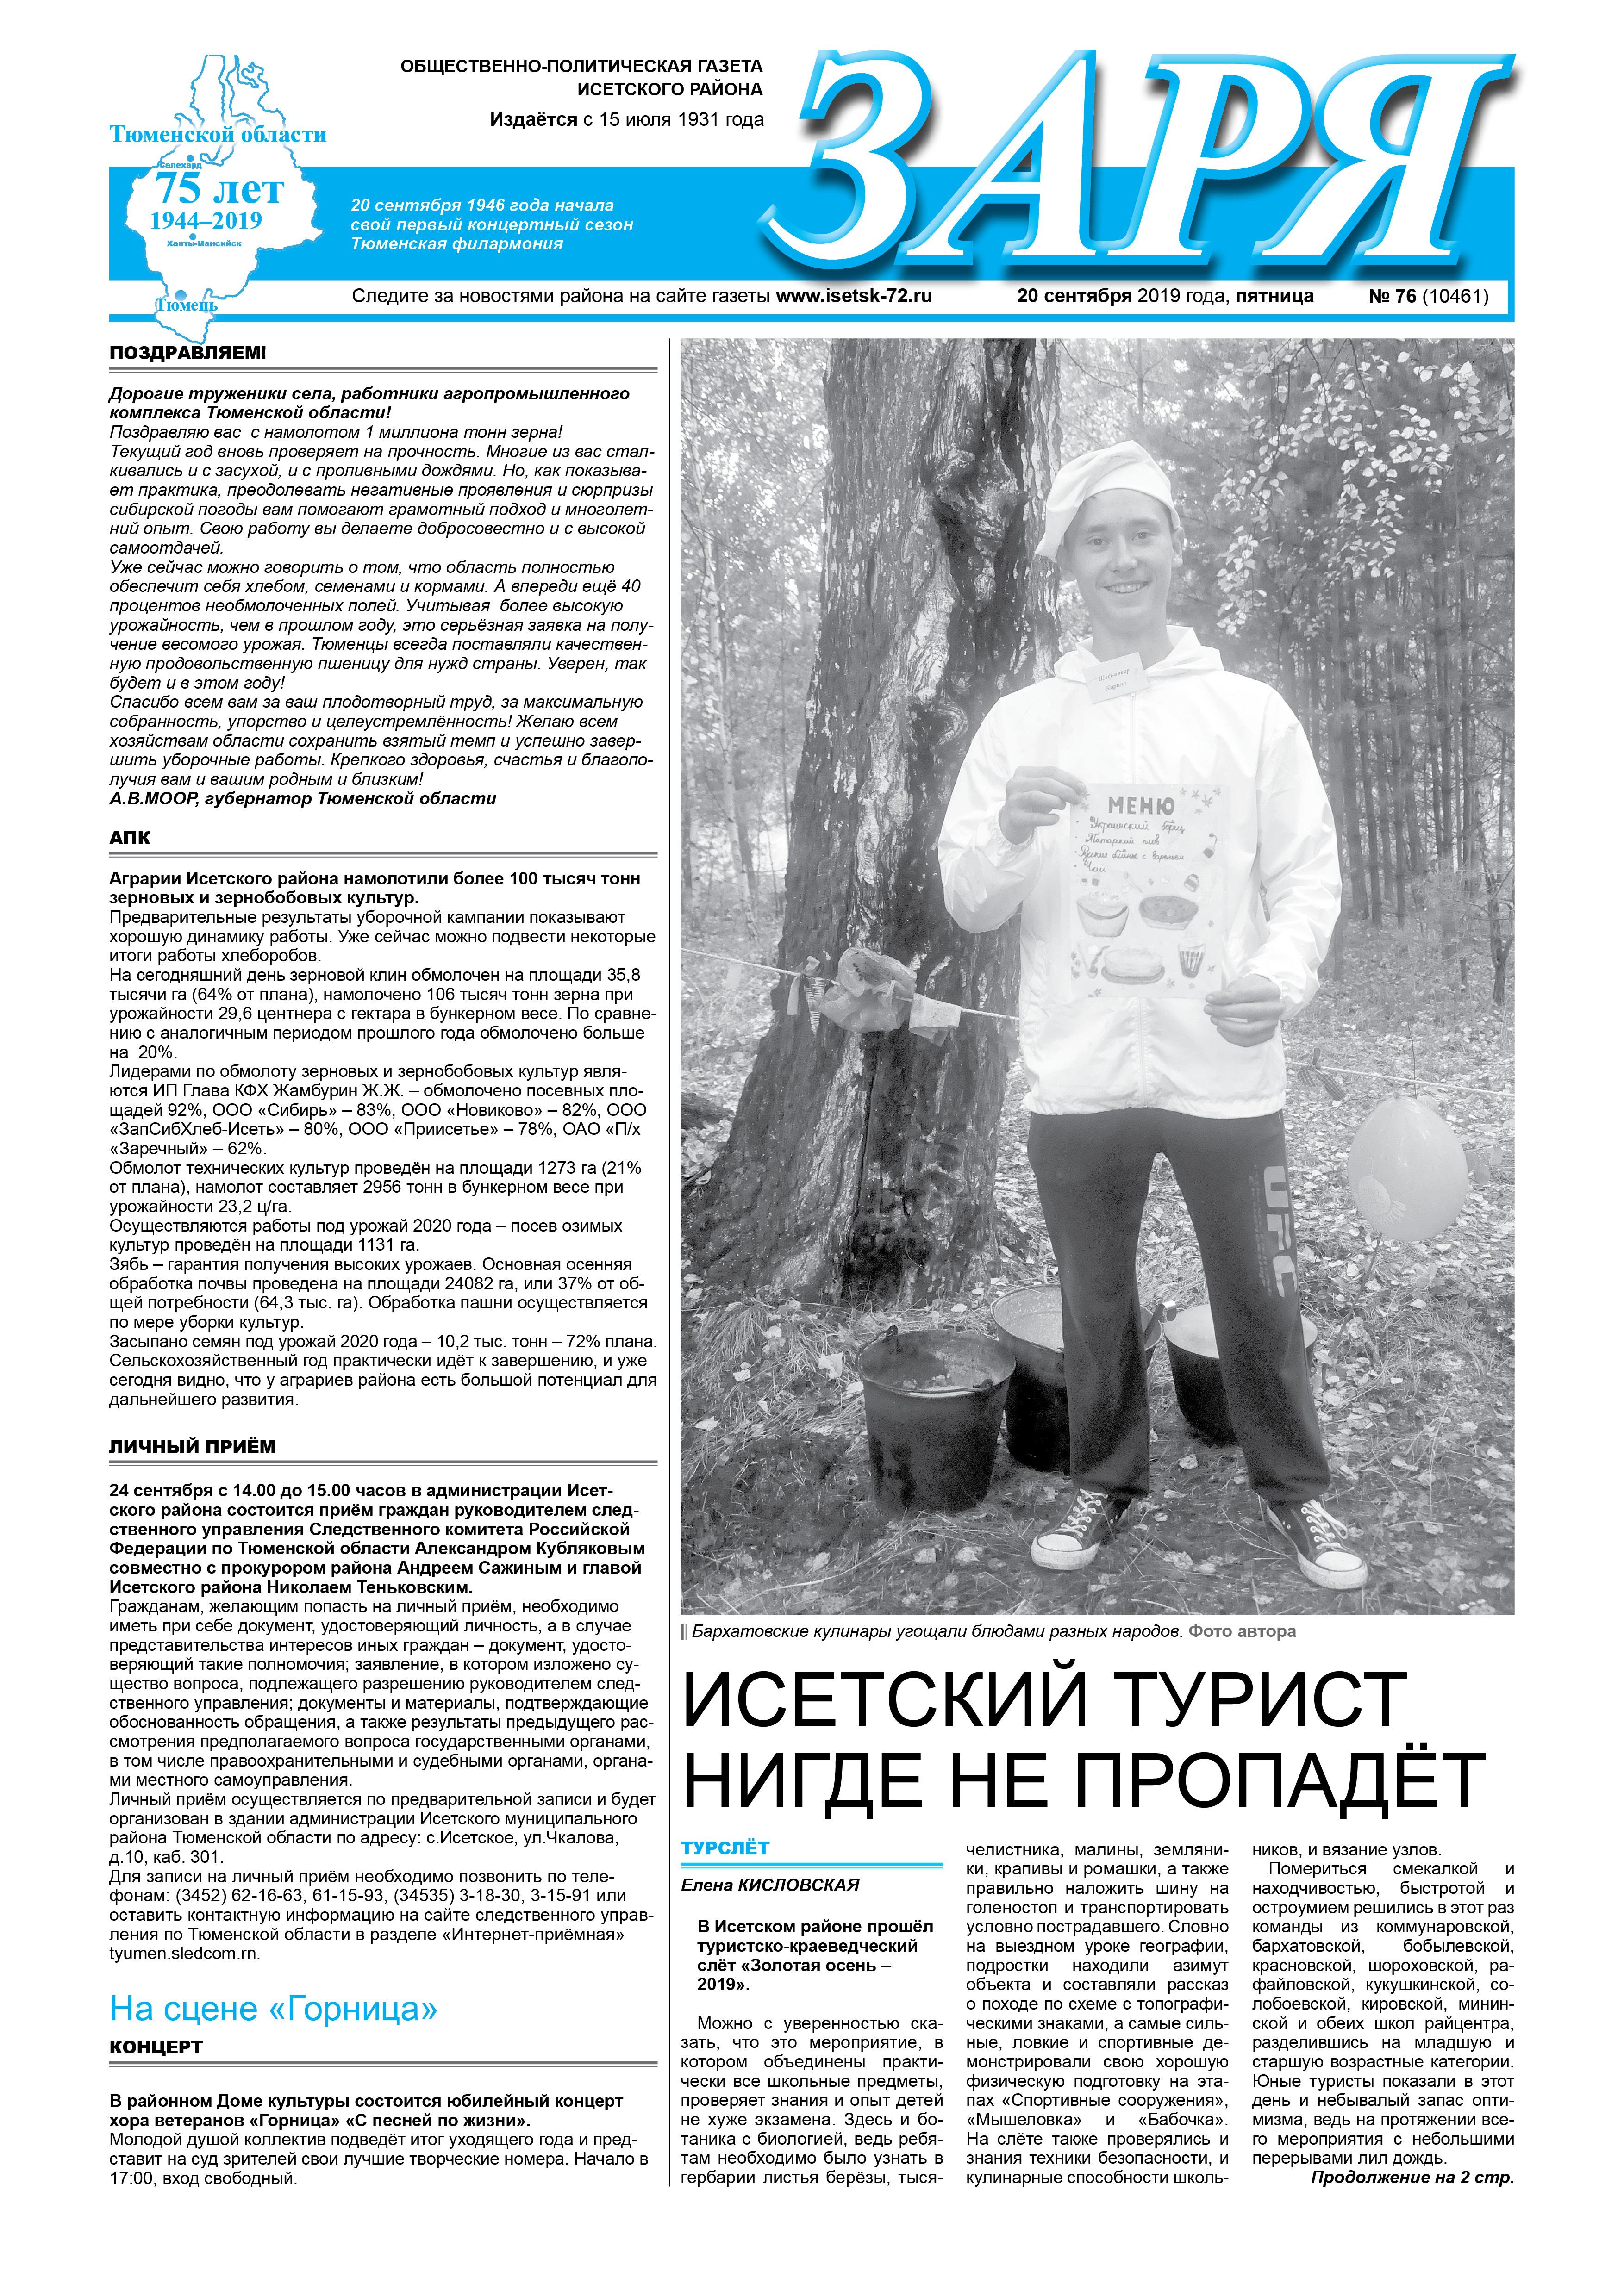 автономная некоммерческая организация редакция газеты заря